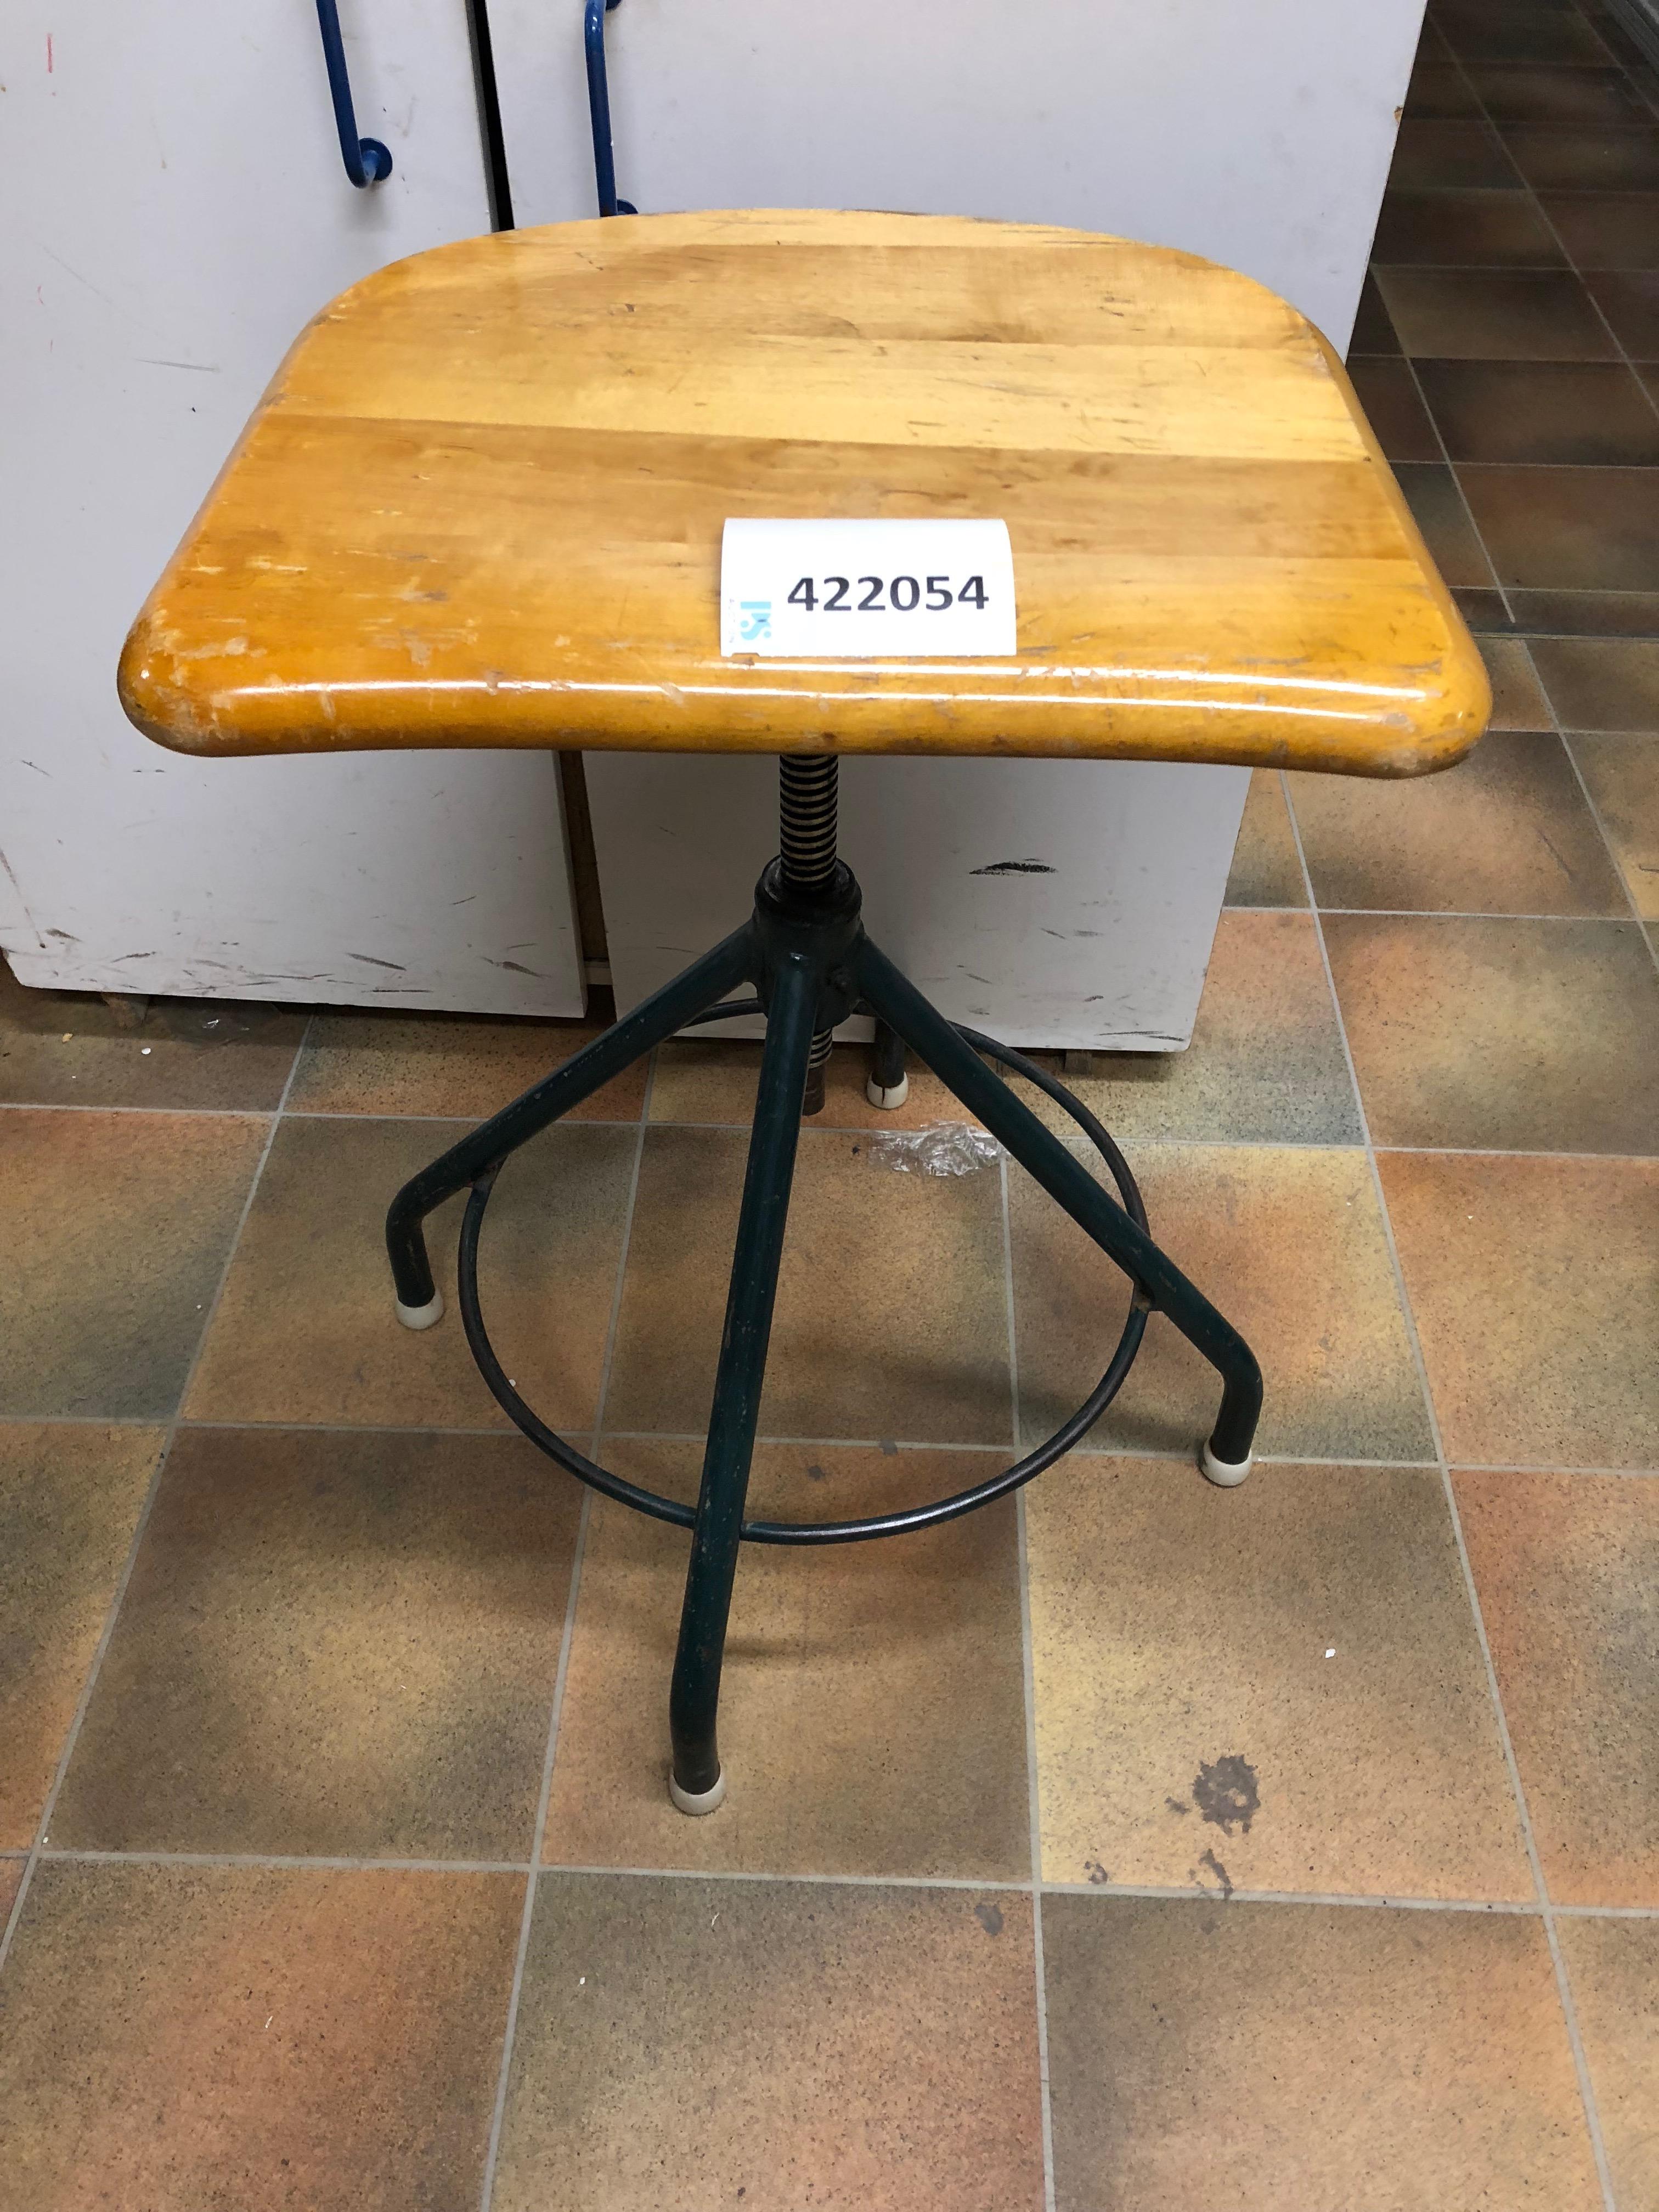 6d6ea055d2326fa116db8d760f0bab19034c3fa7 Incroyable De Table Vintage Des Idées